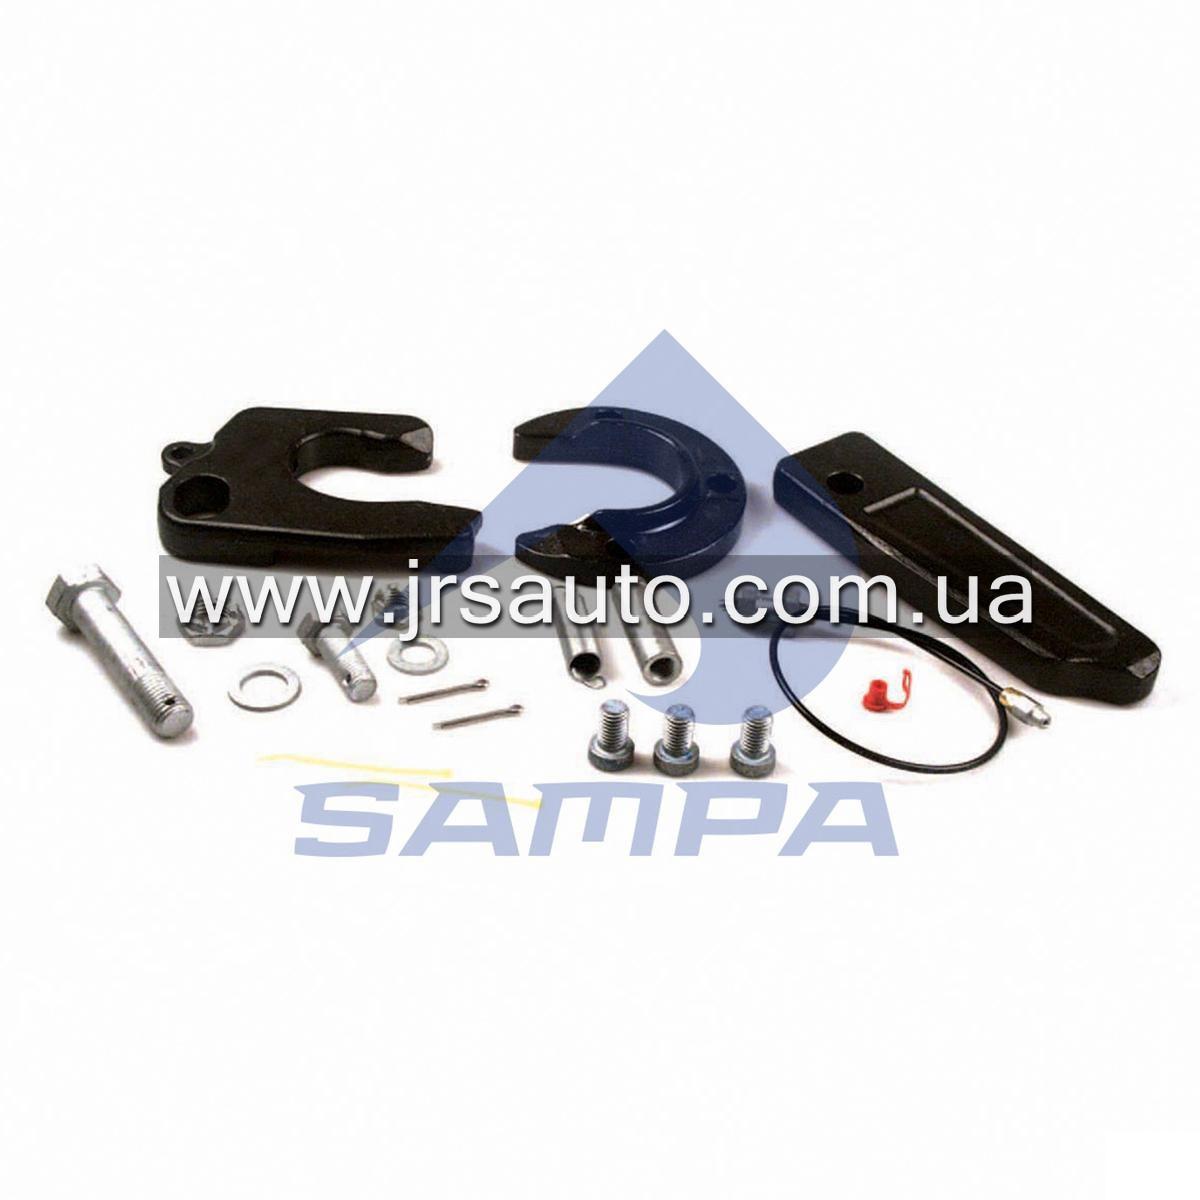 Ремкомплект замка седла с подковой и маслёнкой JOST (d51/d75/d20) \SK3121072Z \ 095.540